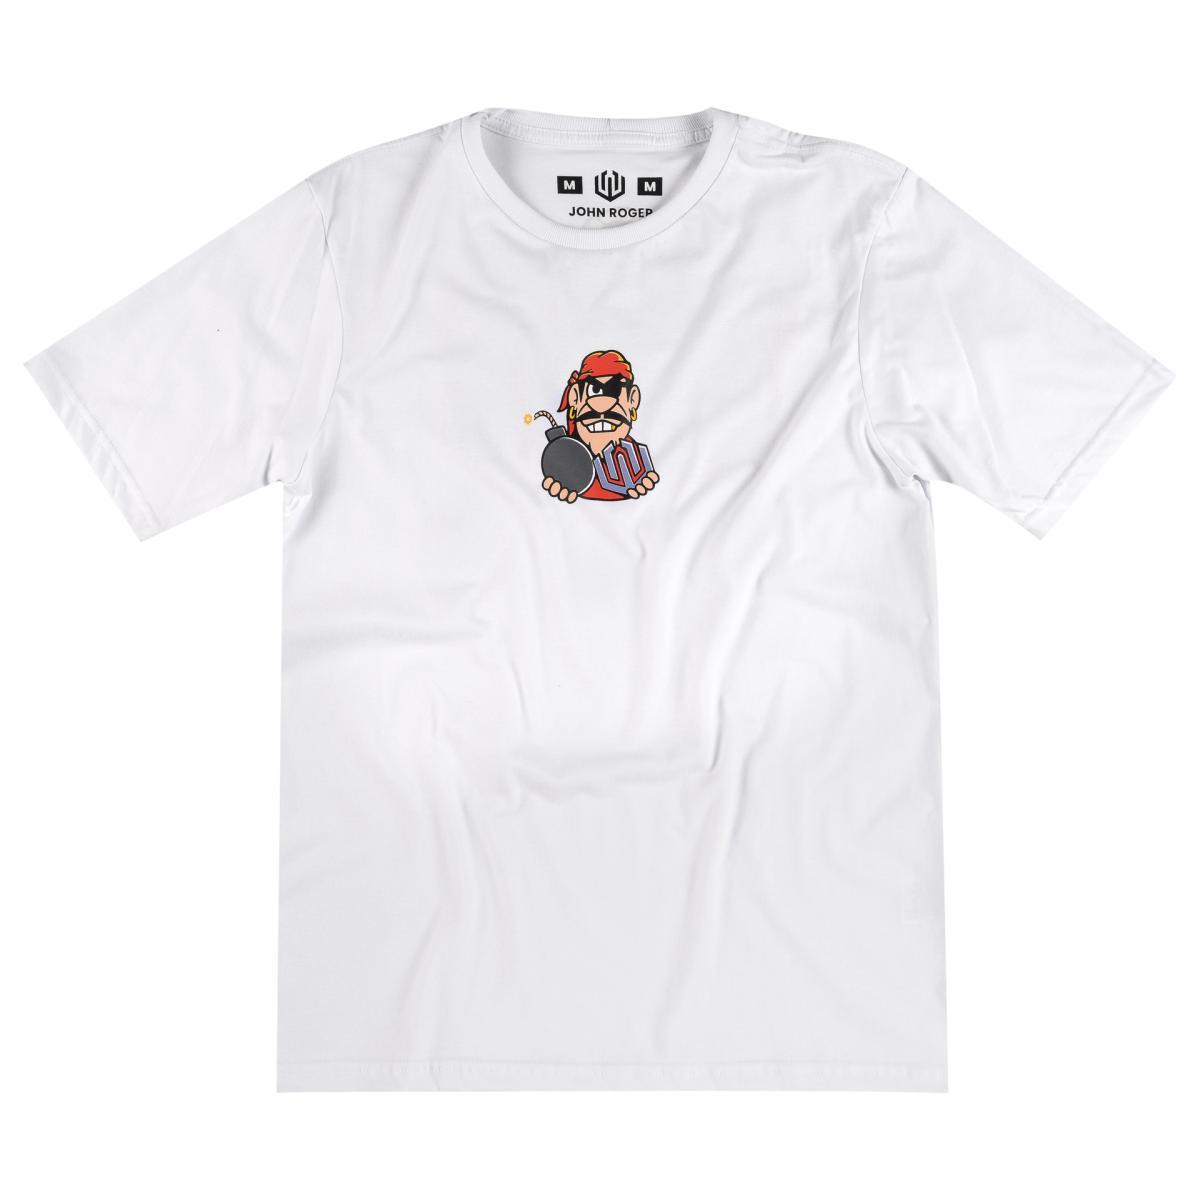 Camiseta John Roger Graffiti Bomb - branco